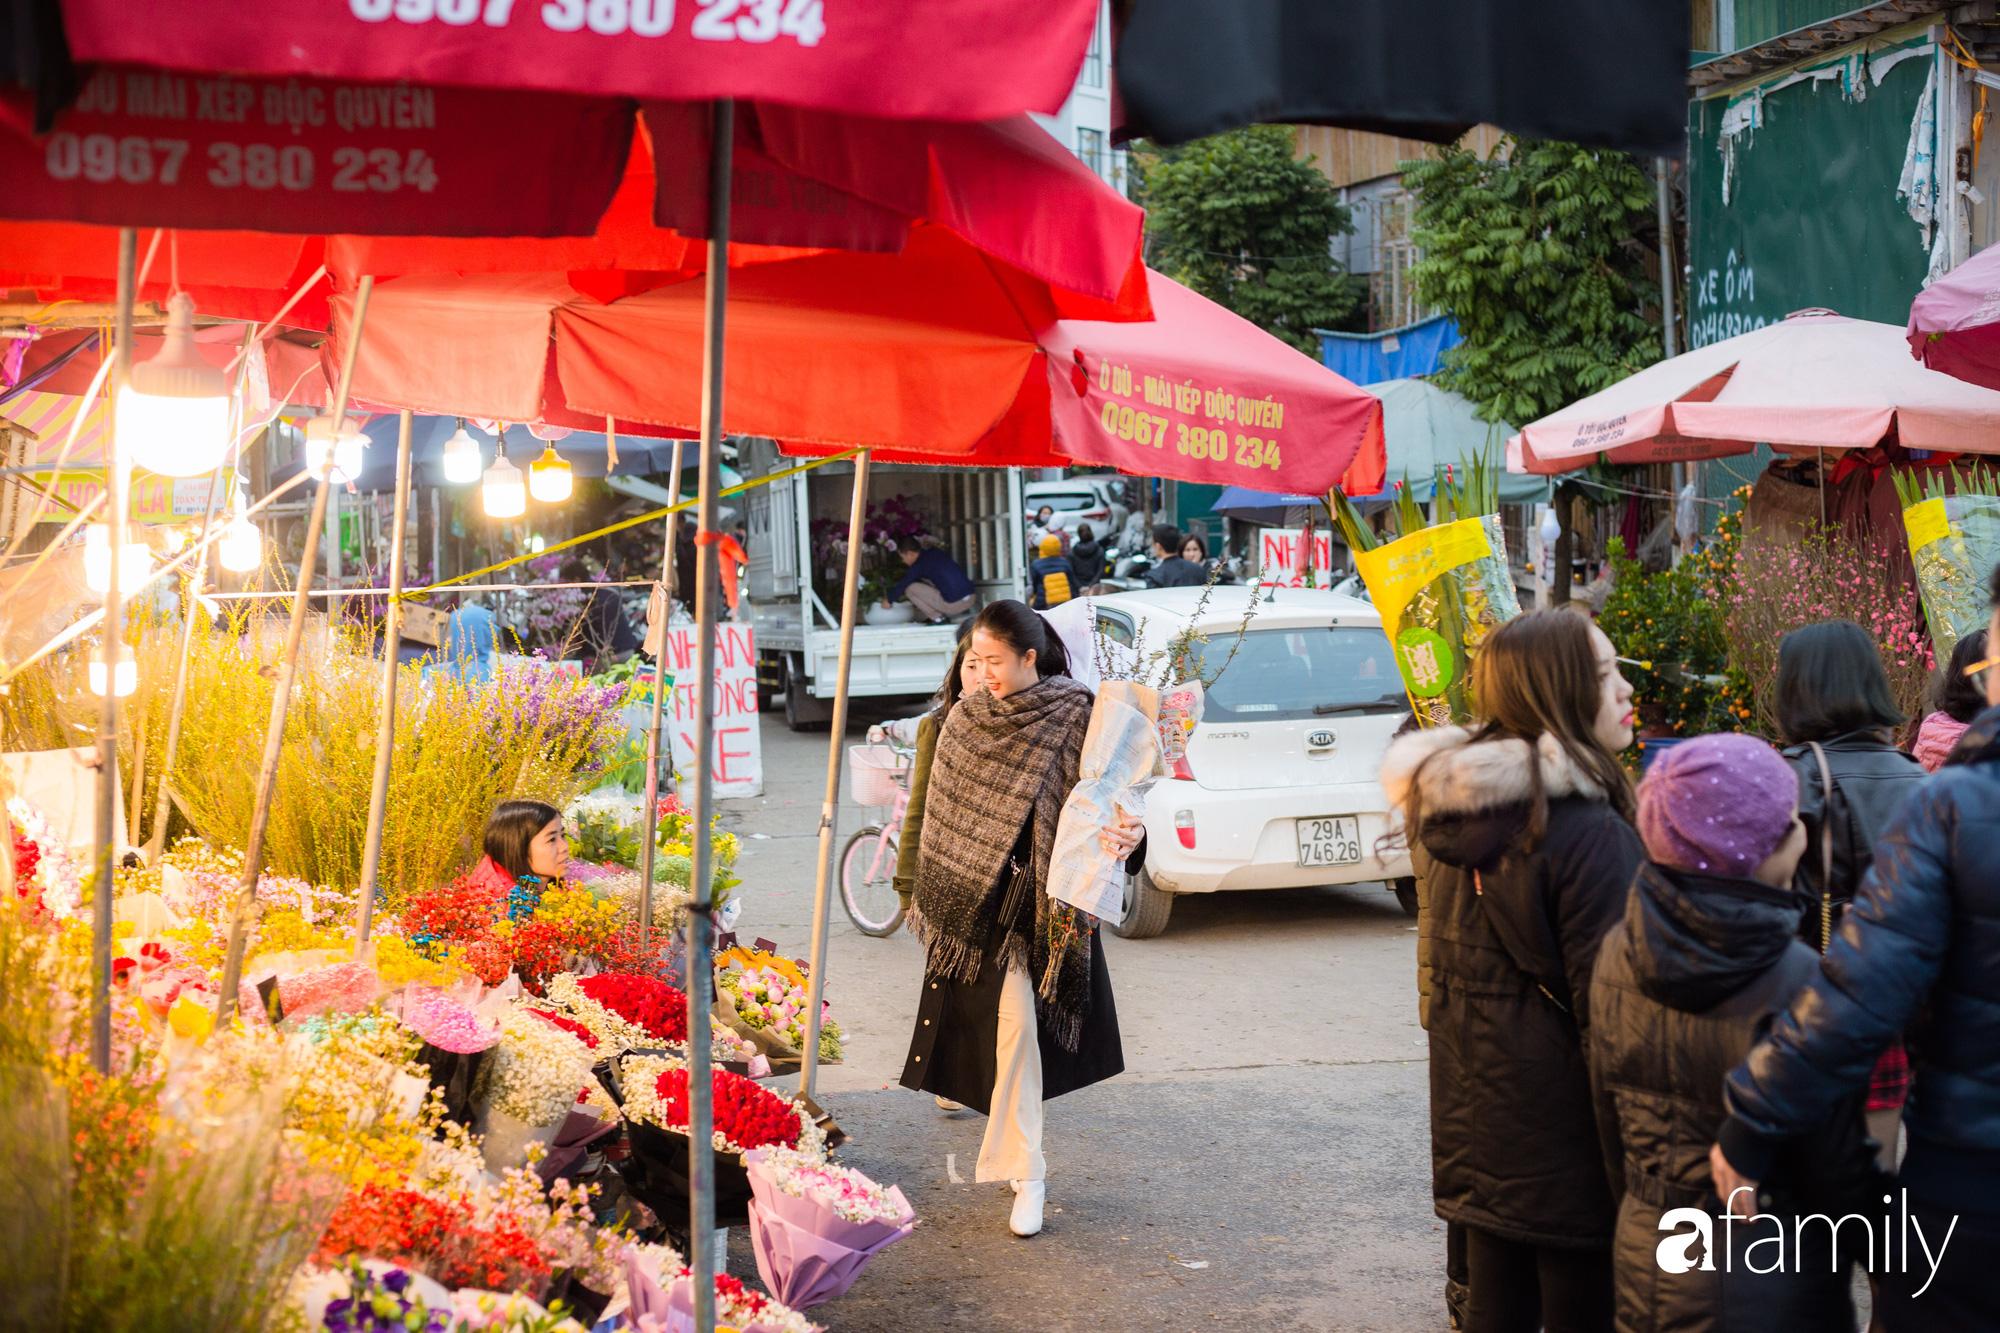 Những khoảnh khắc bình dị ngày cuối năm ở chợ hoa Quảng An, dù lạnh thấu xương nhưng người Hà Nội vẫn nô nức sắm hoa chơi Tết - Ảnh 8.